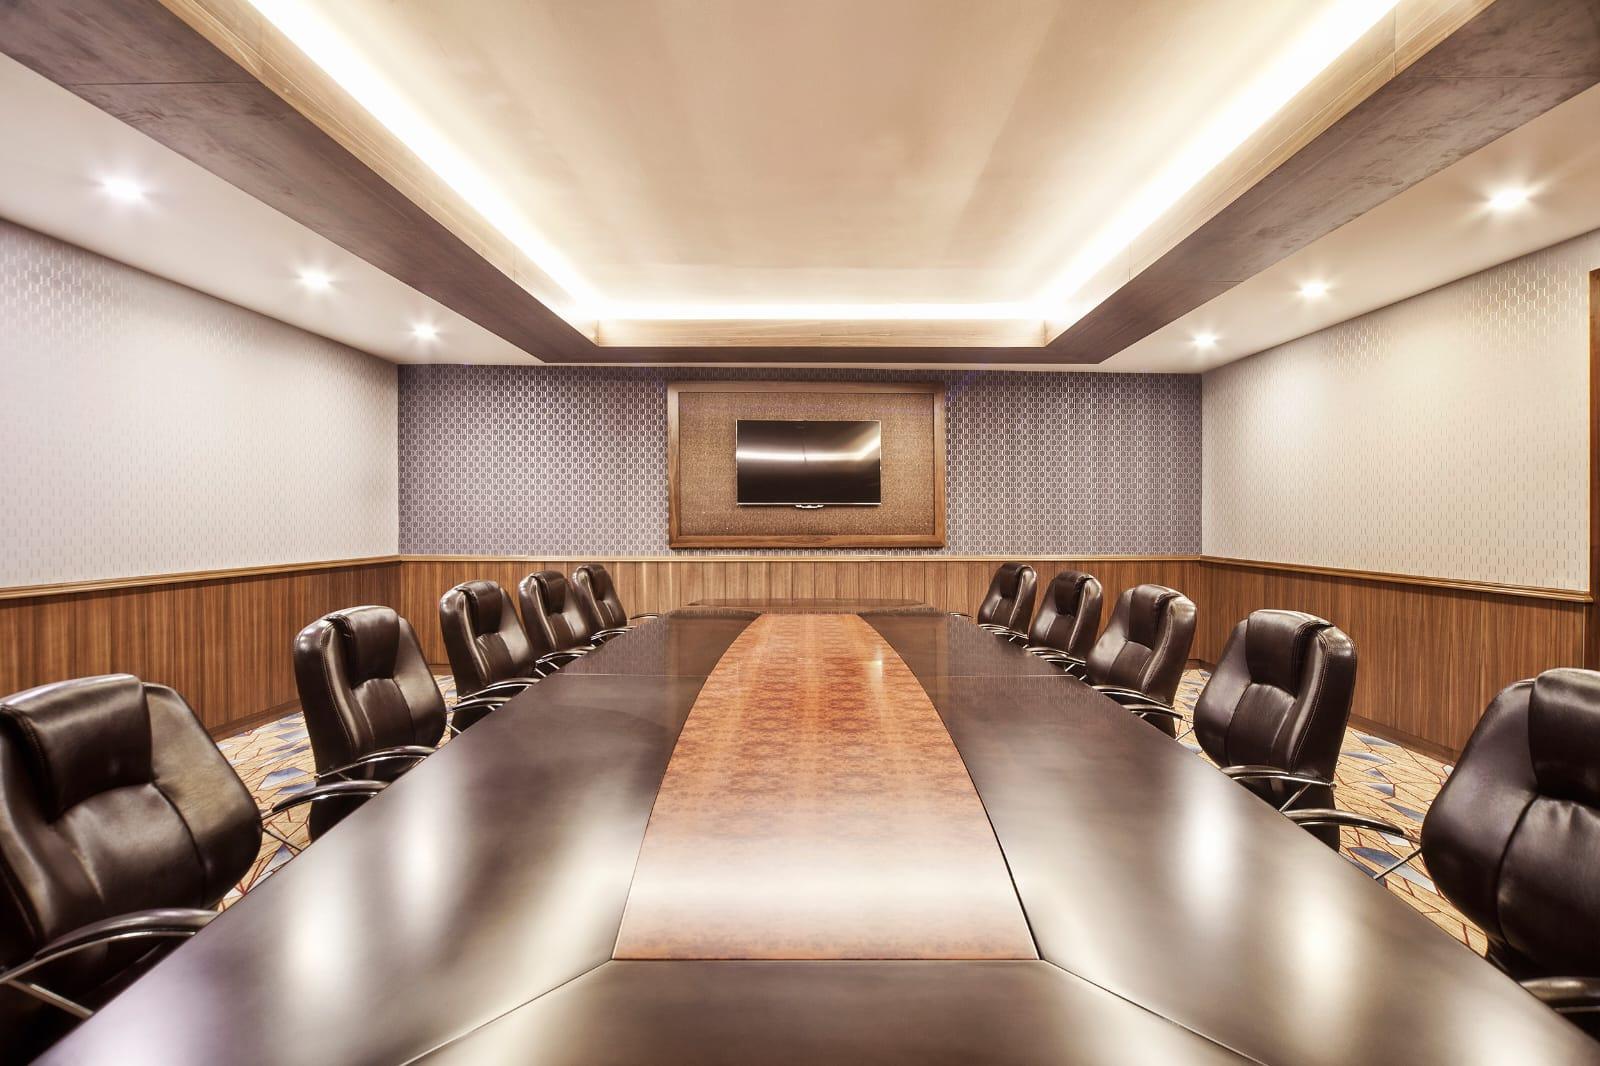 Pera Executive Meeting Room